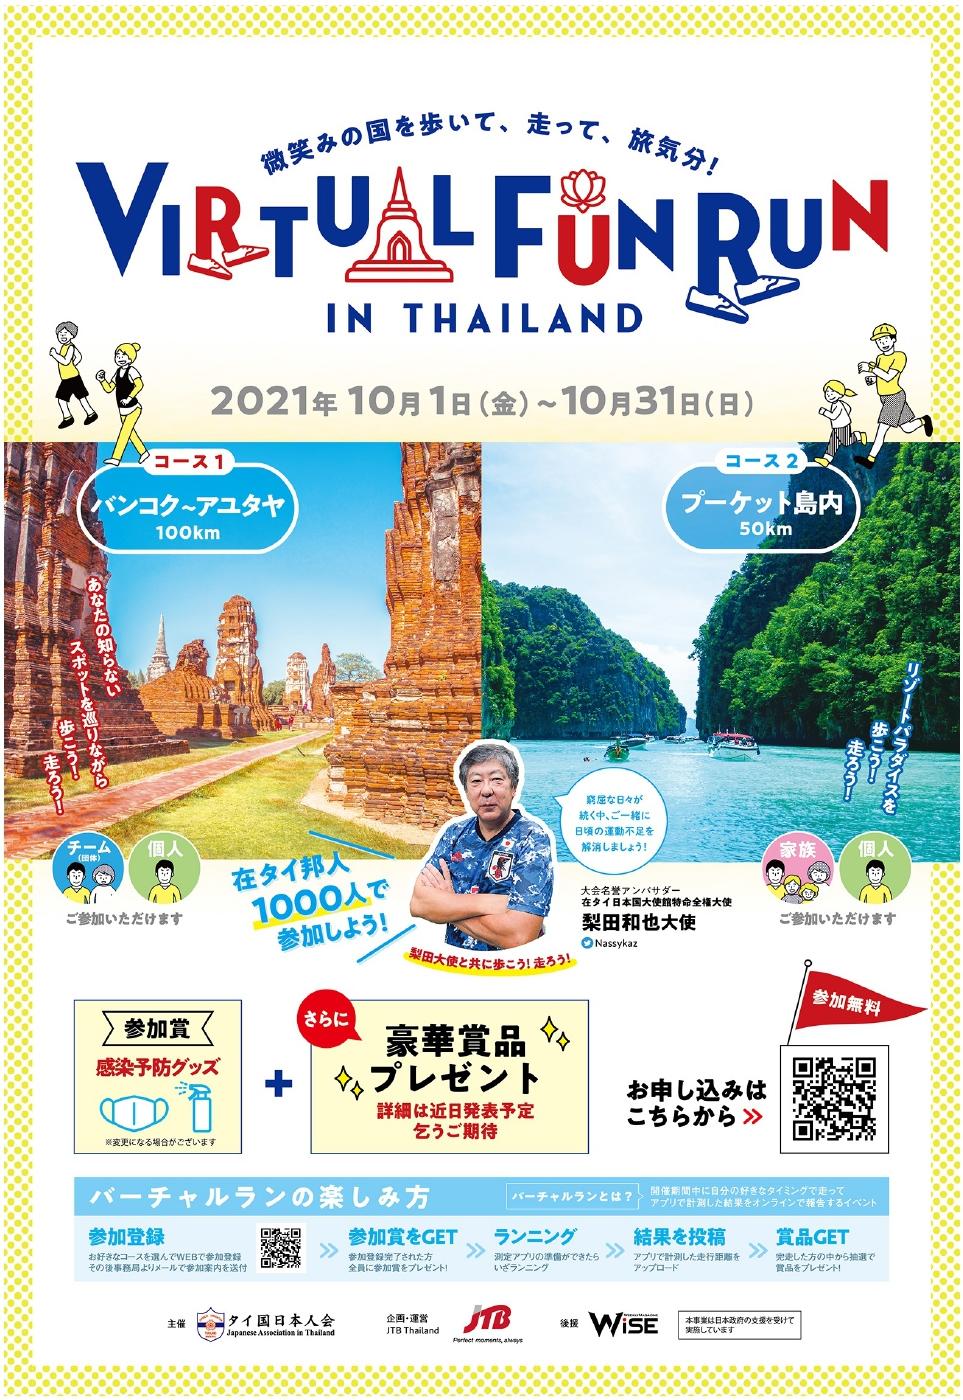 タイ国日本人会が「微笑みの国を歩いて、走って、旅気分! Virtual Fun Run in Thailand」開催